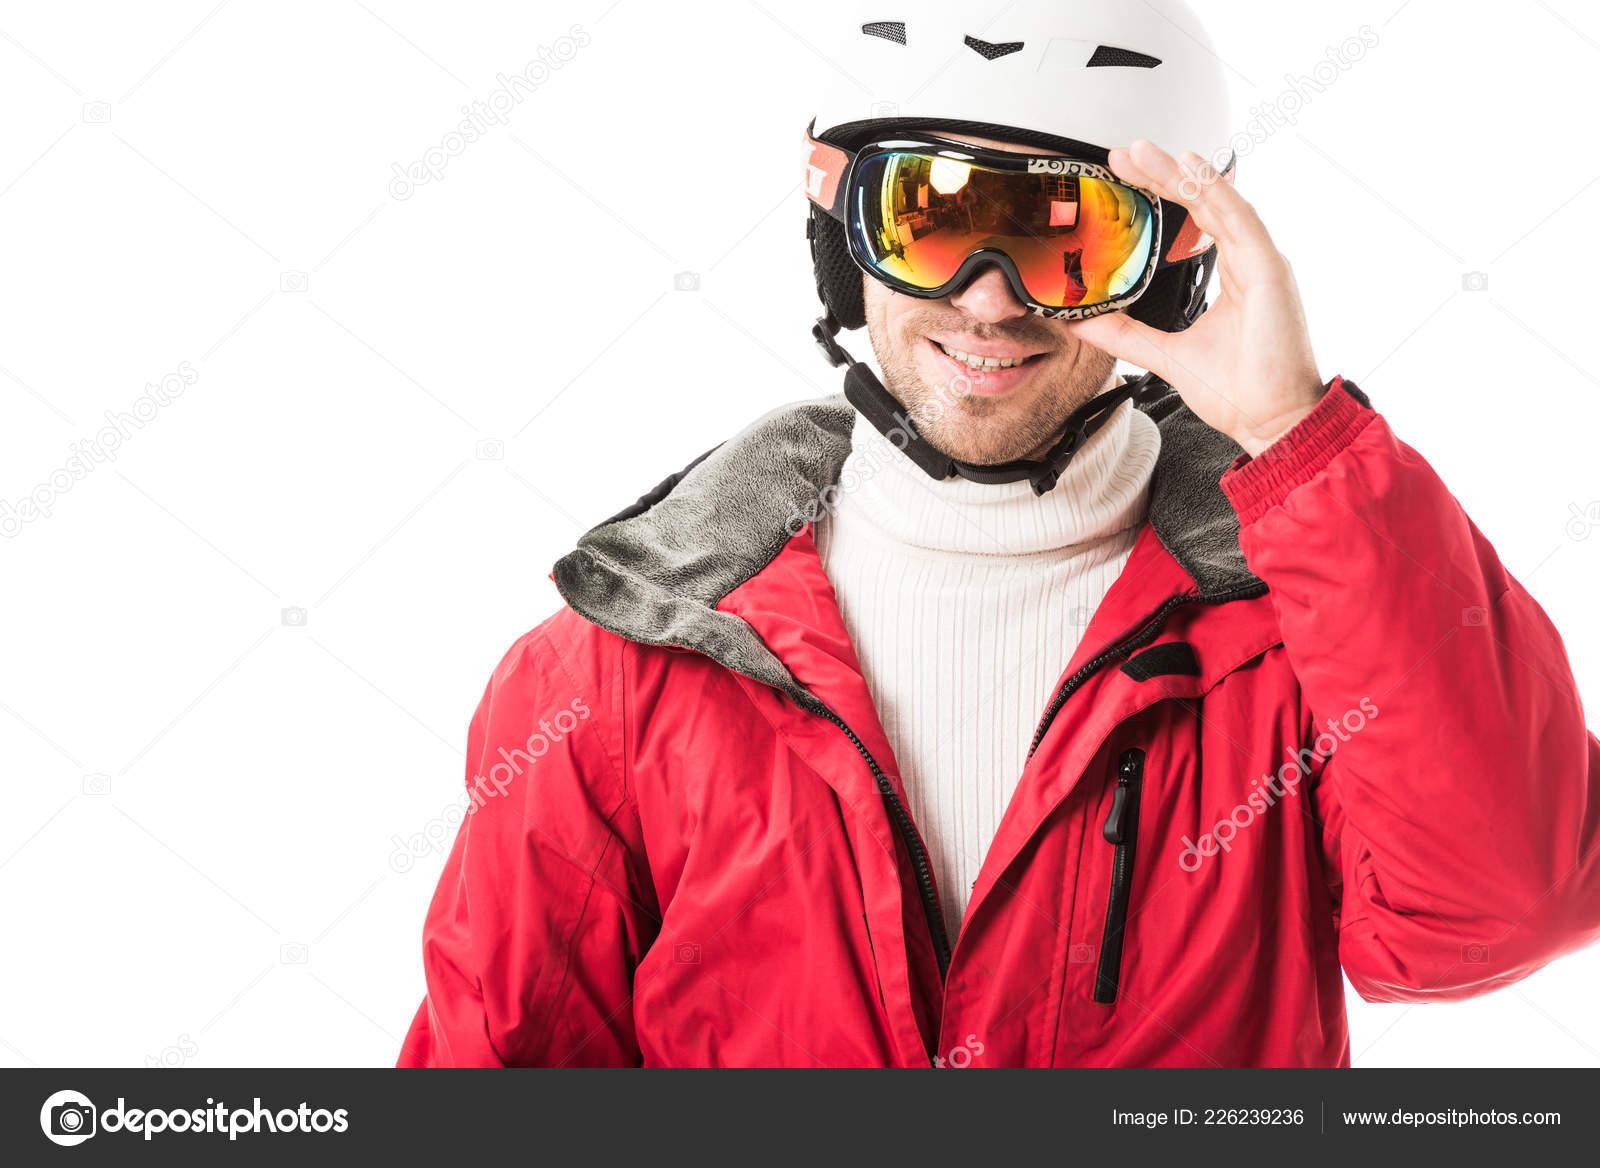 Hombre Casco Poner Chaqueta Adulto Rojo Gafas Esquí Sonrientes rHrwRq